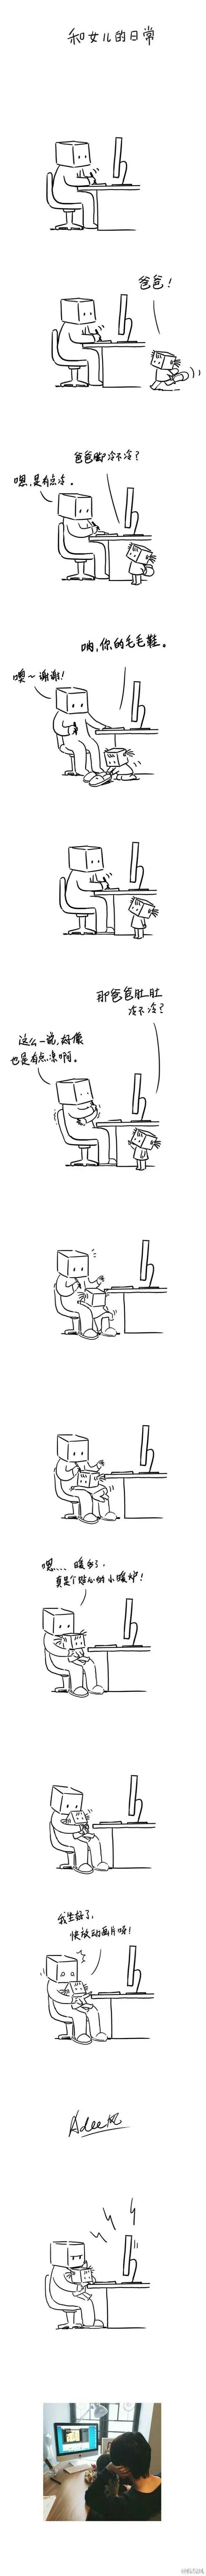 032b1476679900 - 温馨漫画-《和女儿的日常》